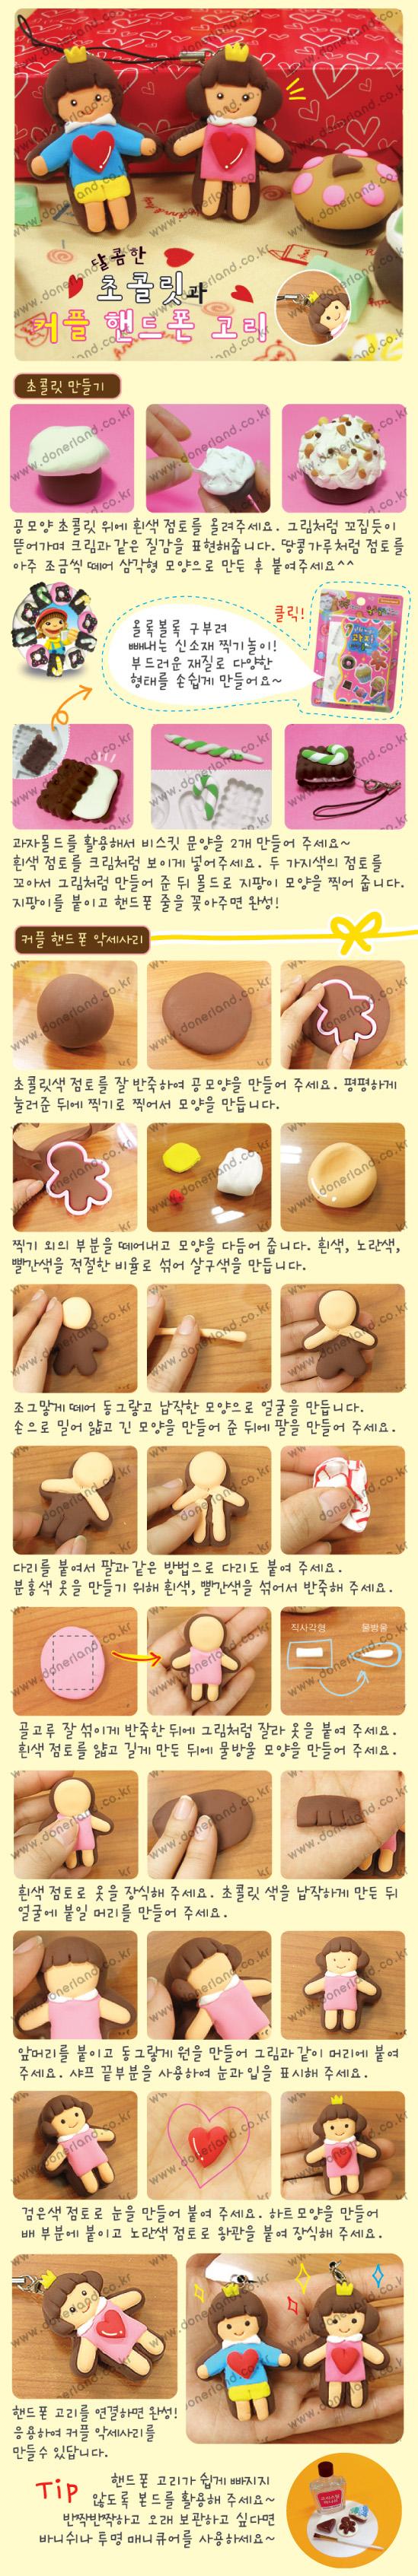 초콜릿&커플 핸드폰 고리 만들기